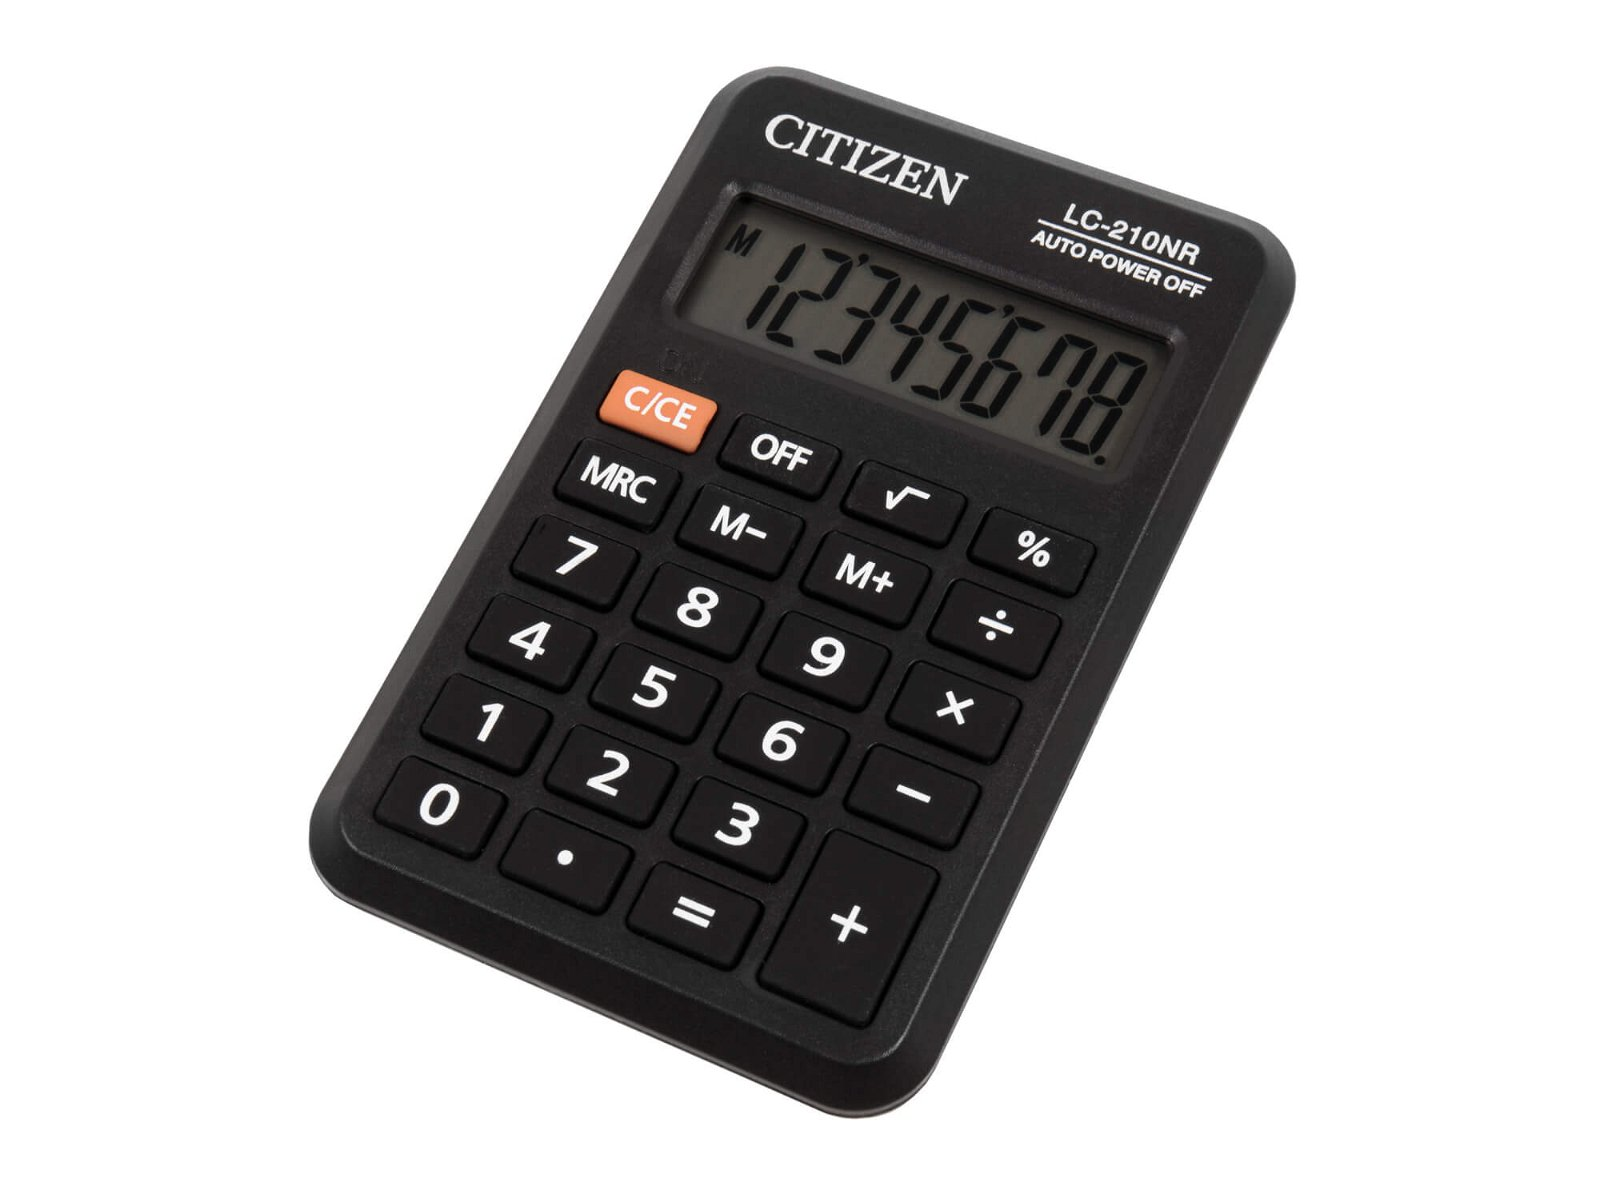 Taschenrechner LC-210NR